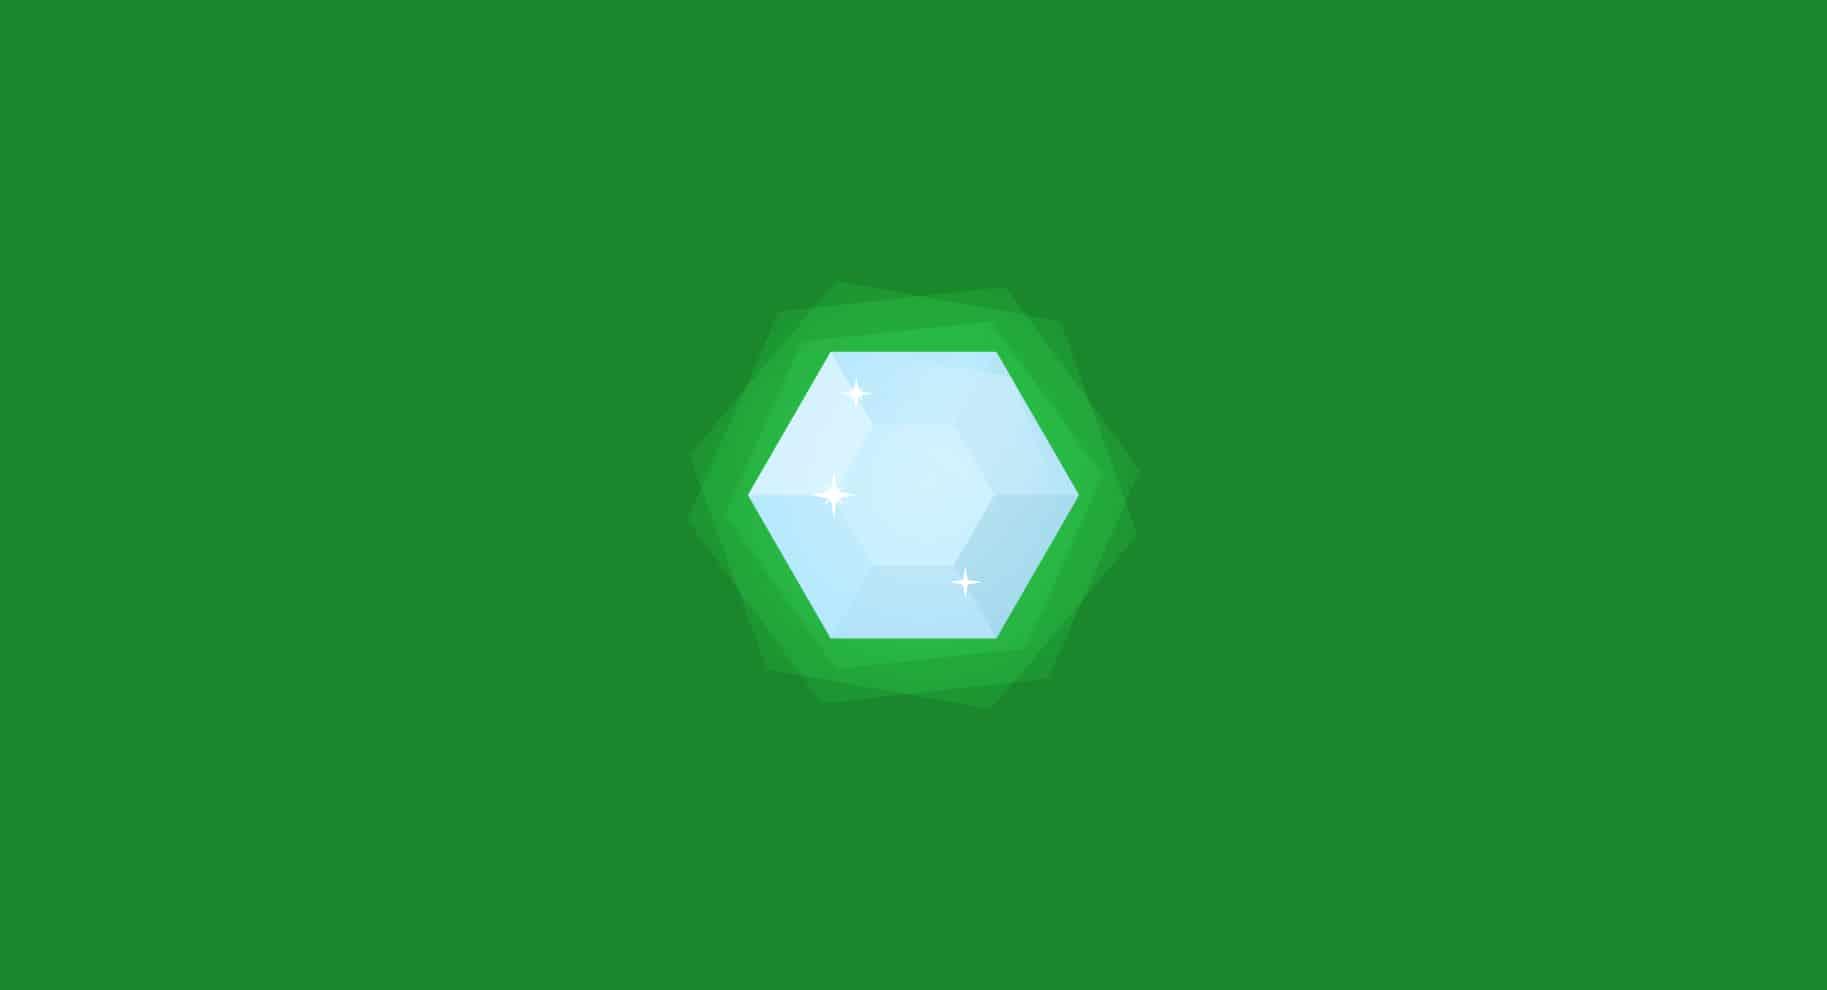 diamond fluorescence illustration